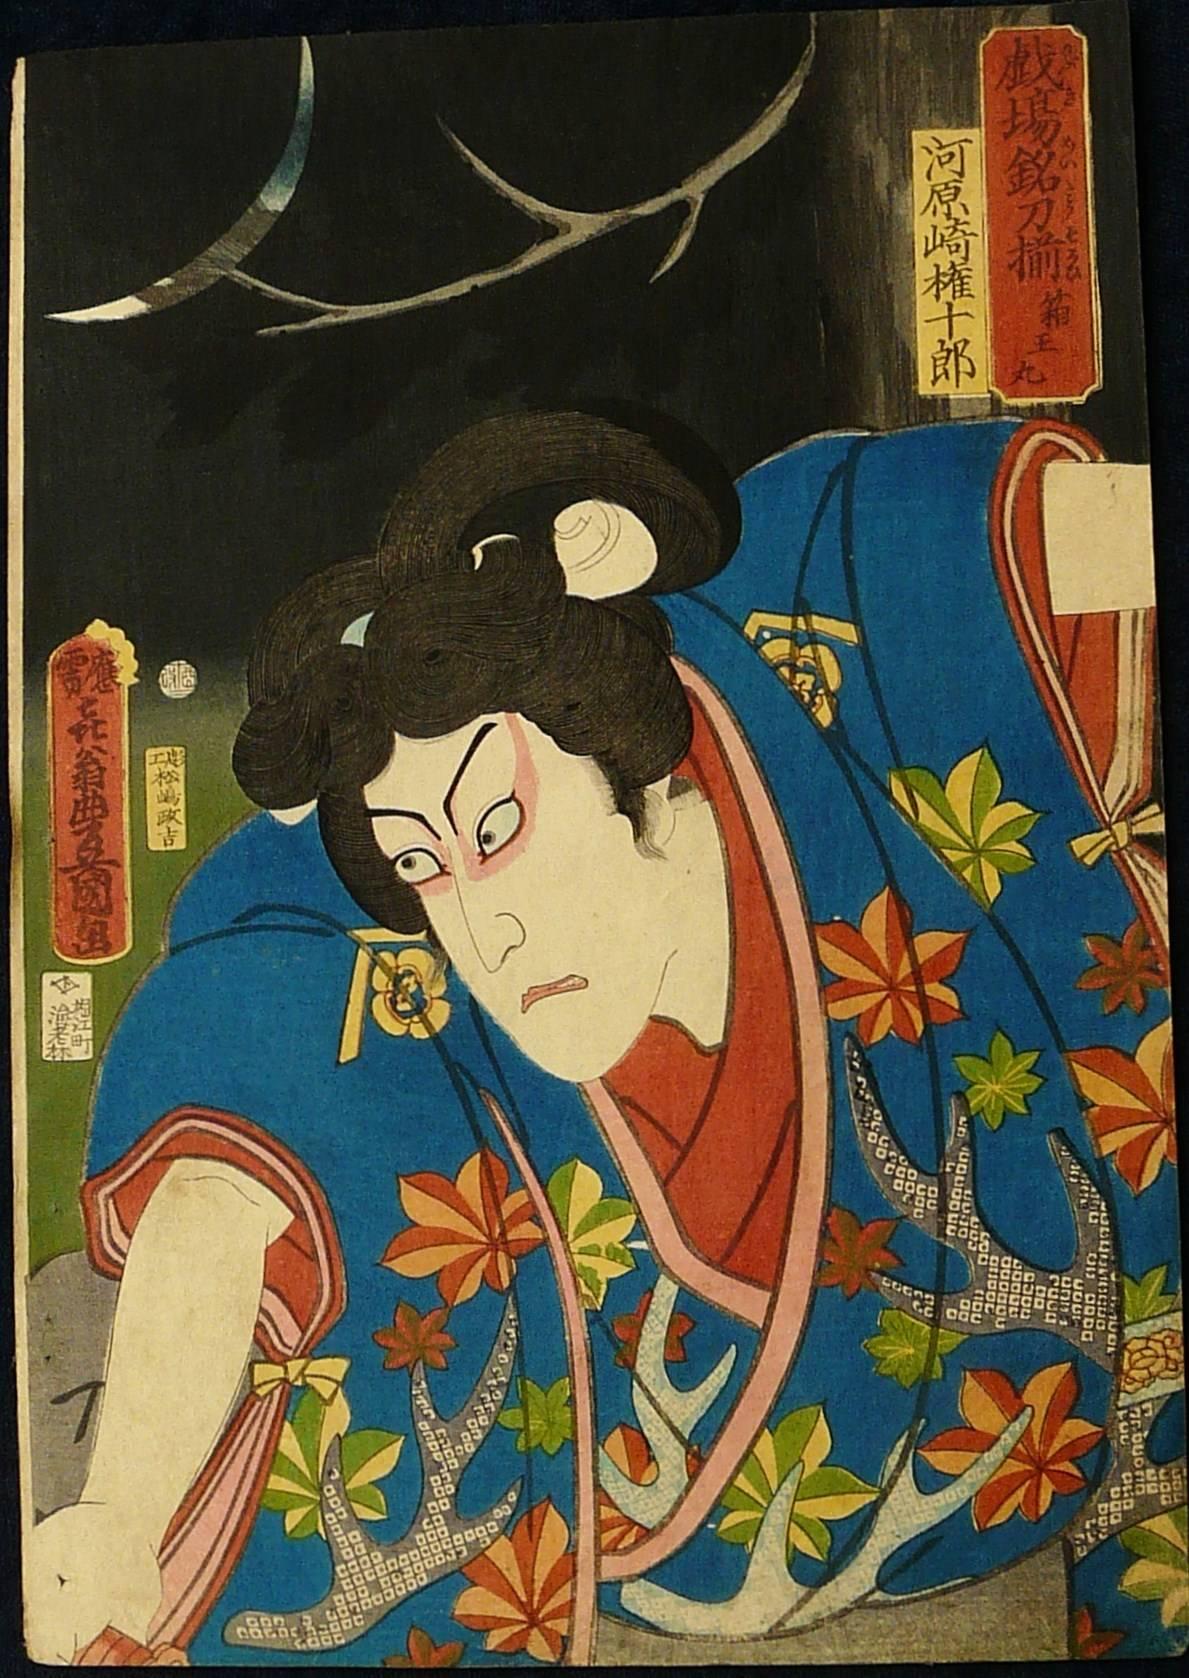 UTAGAWA KUNISADA: #P3389 SAMURAI IN THE MOONLIGHT DATED 1863